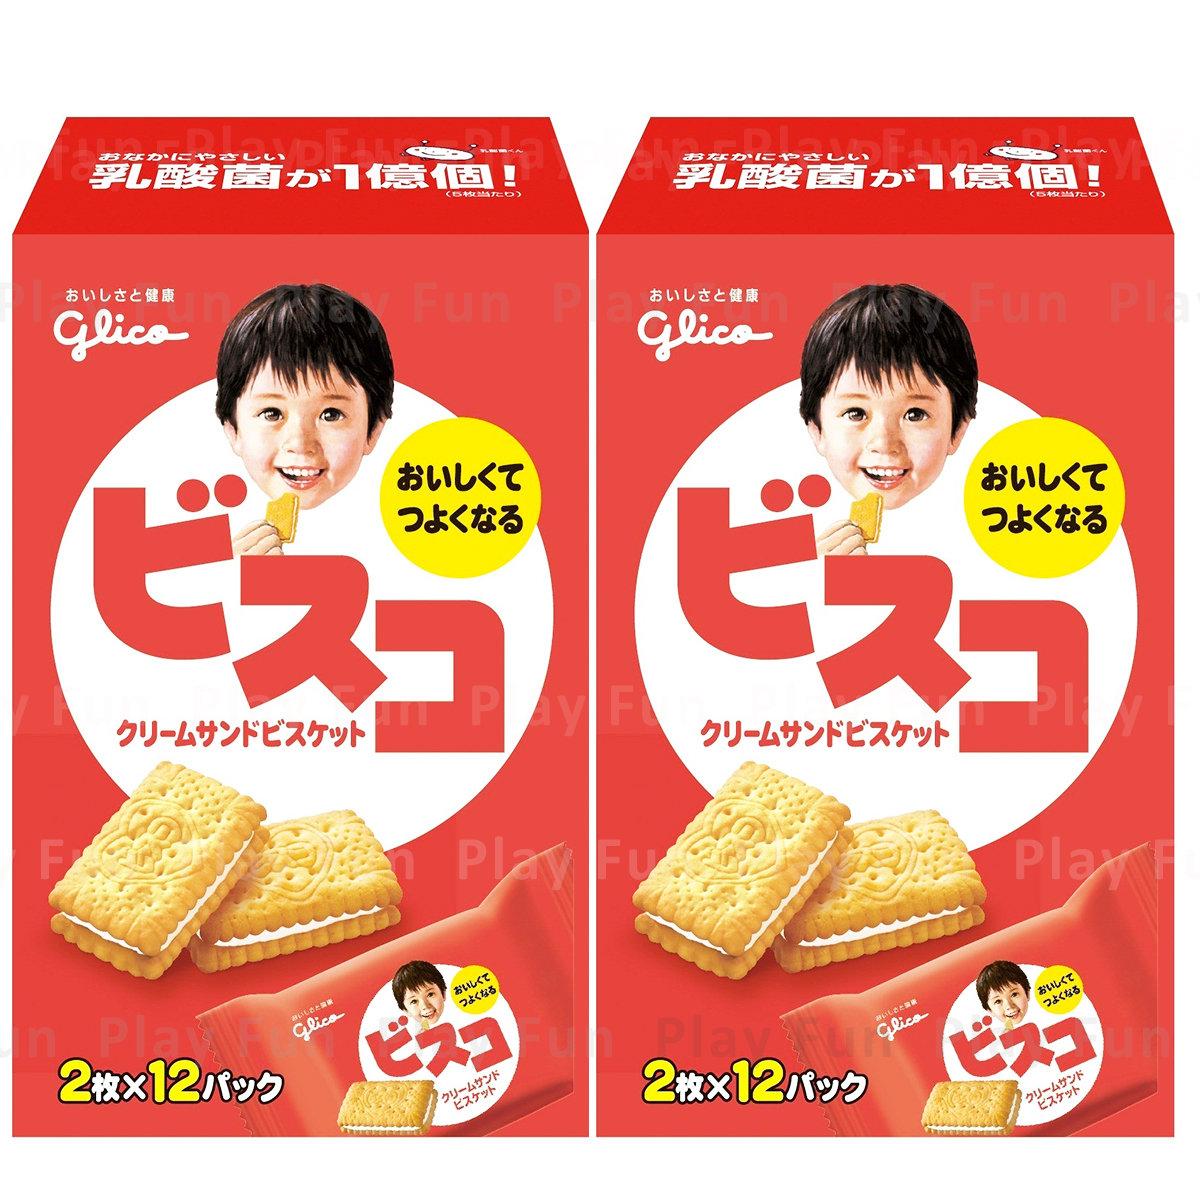 兒童乳酸菌雲呢拿夾心餅 [24片]  x 2盒  (4901005120280_2)